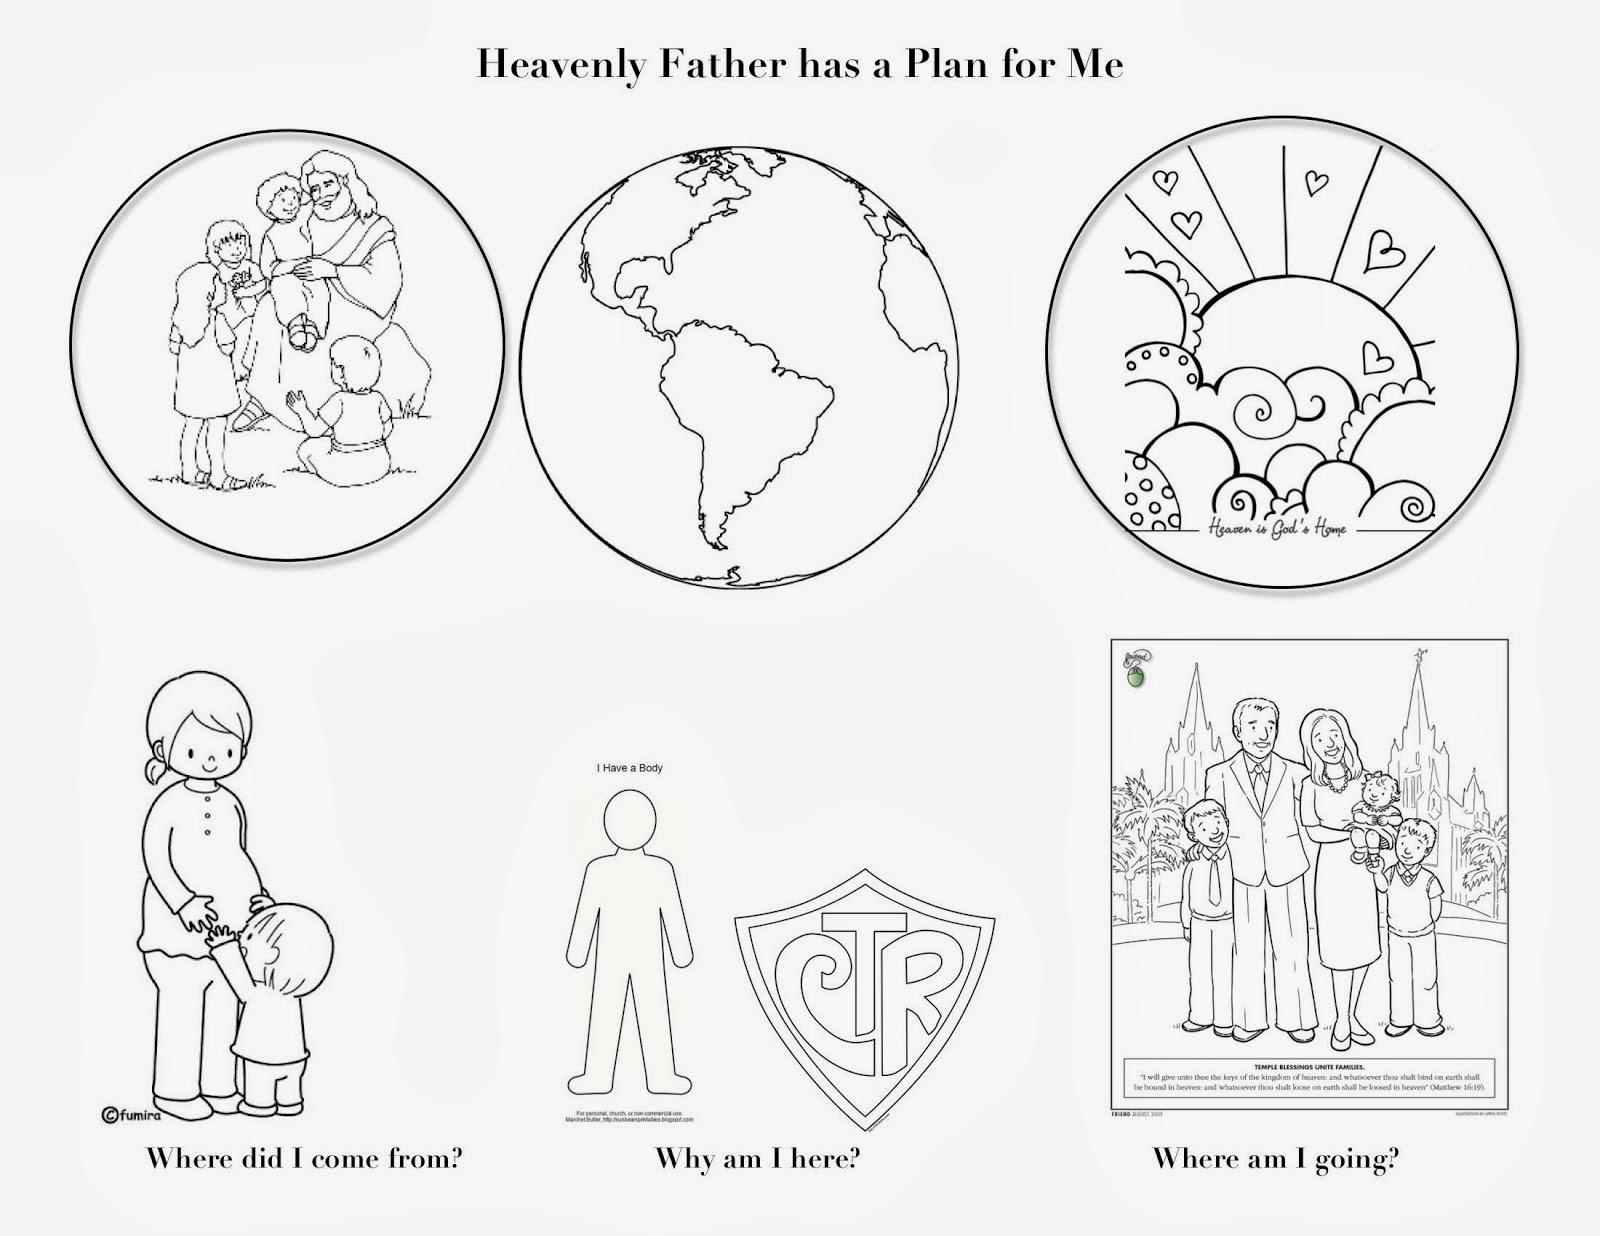 Une Primaire Qui Roule Fevrier Notre Pere Celeste A Un Plan Pour Ses Enfants